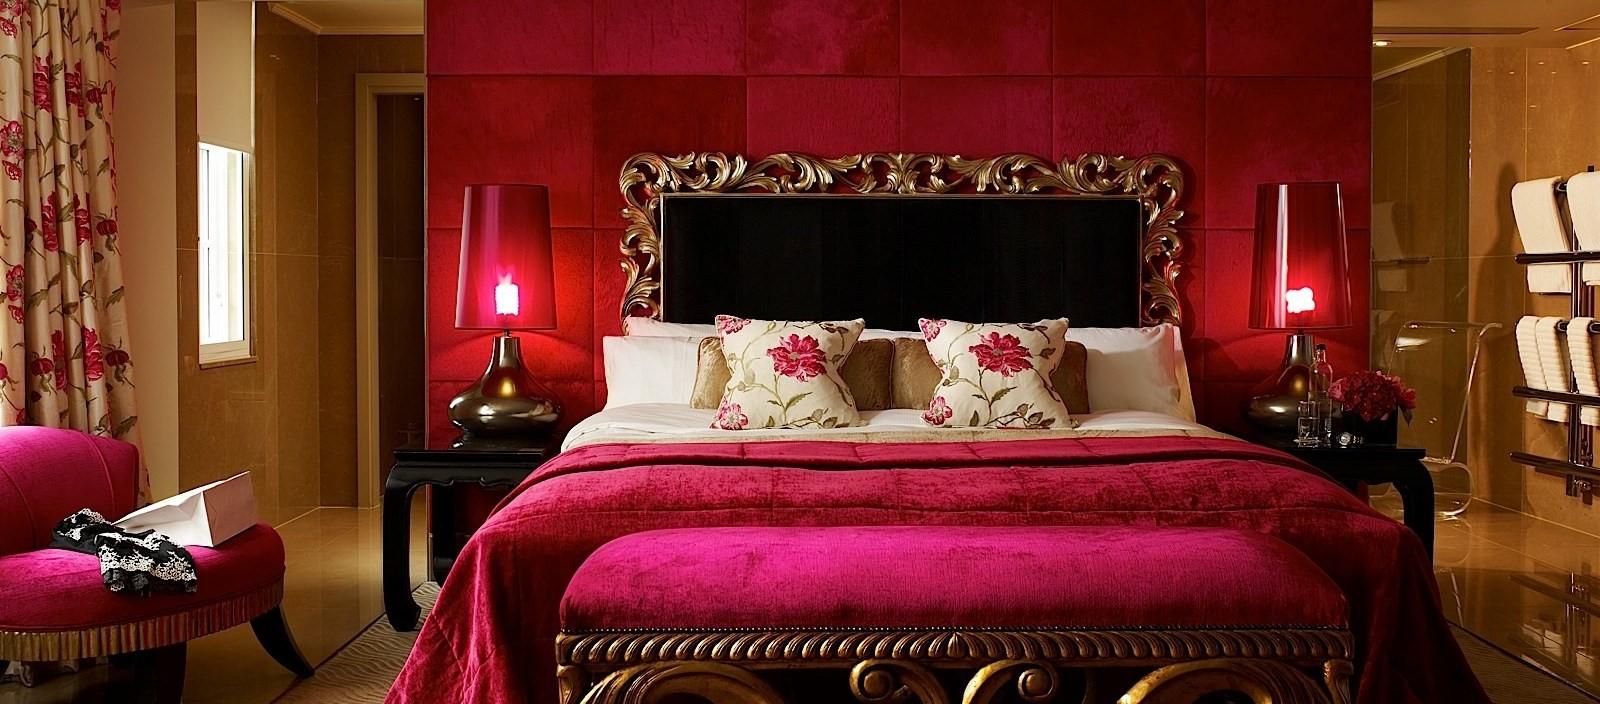 MAY_BED_Schiaparelli_Suite_bedroom_2013 - Crop